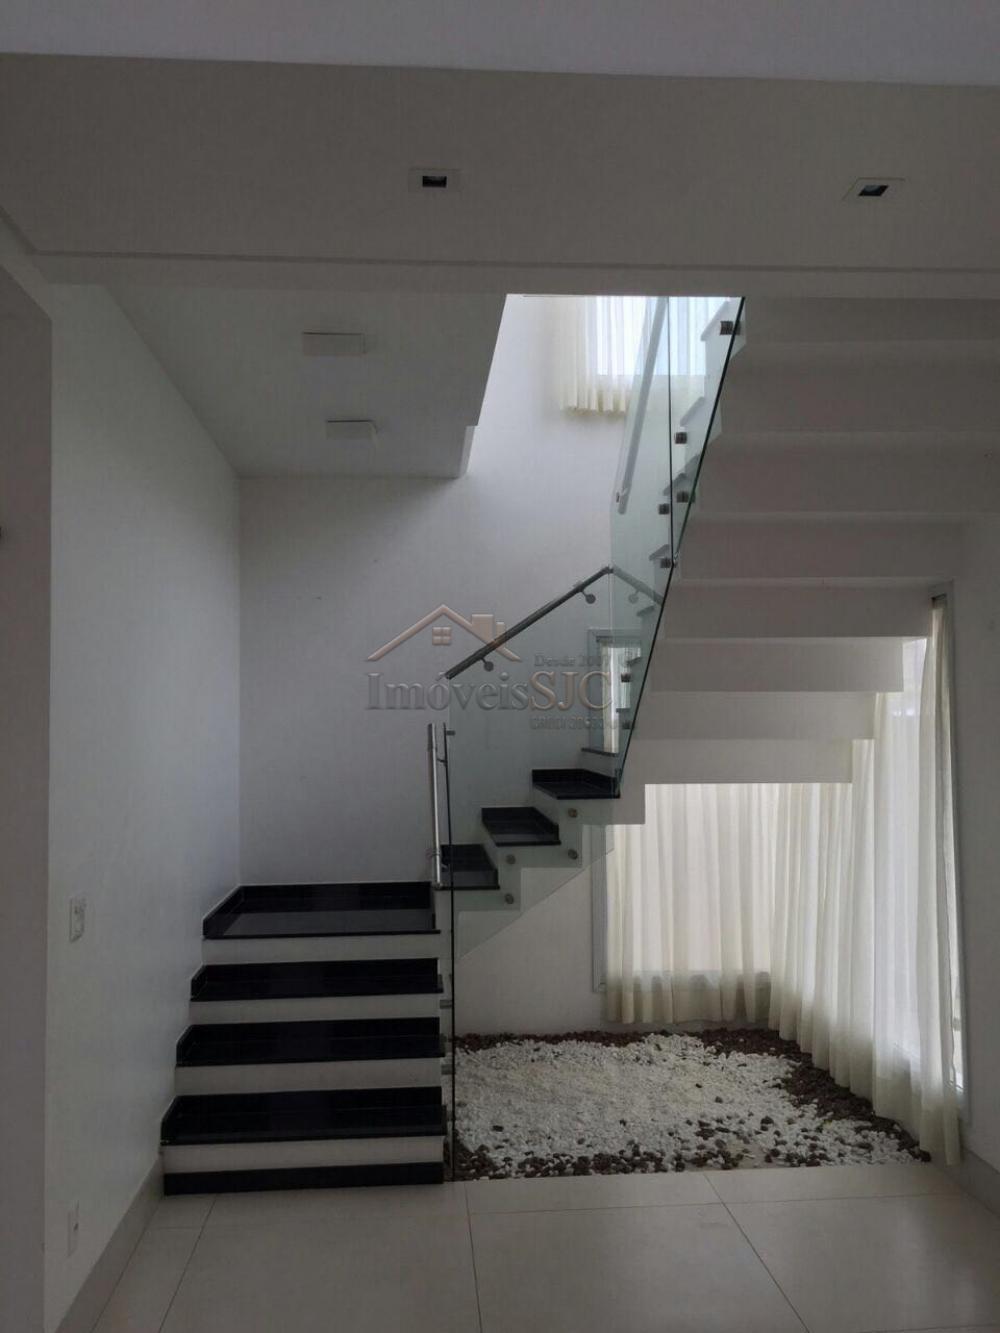 Comprar Casas / Condomínio em São José dos Campos apenas R$ 1.020.000,00 - Foto 2